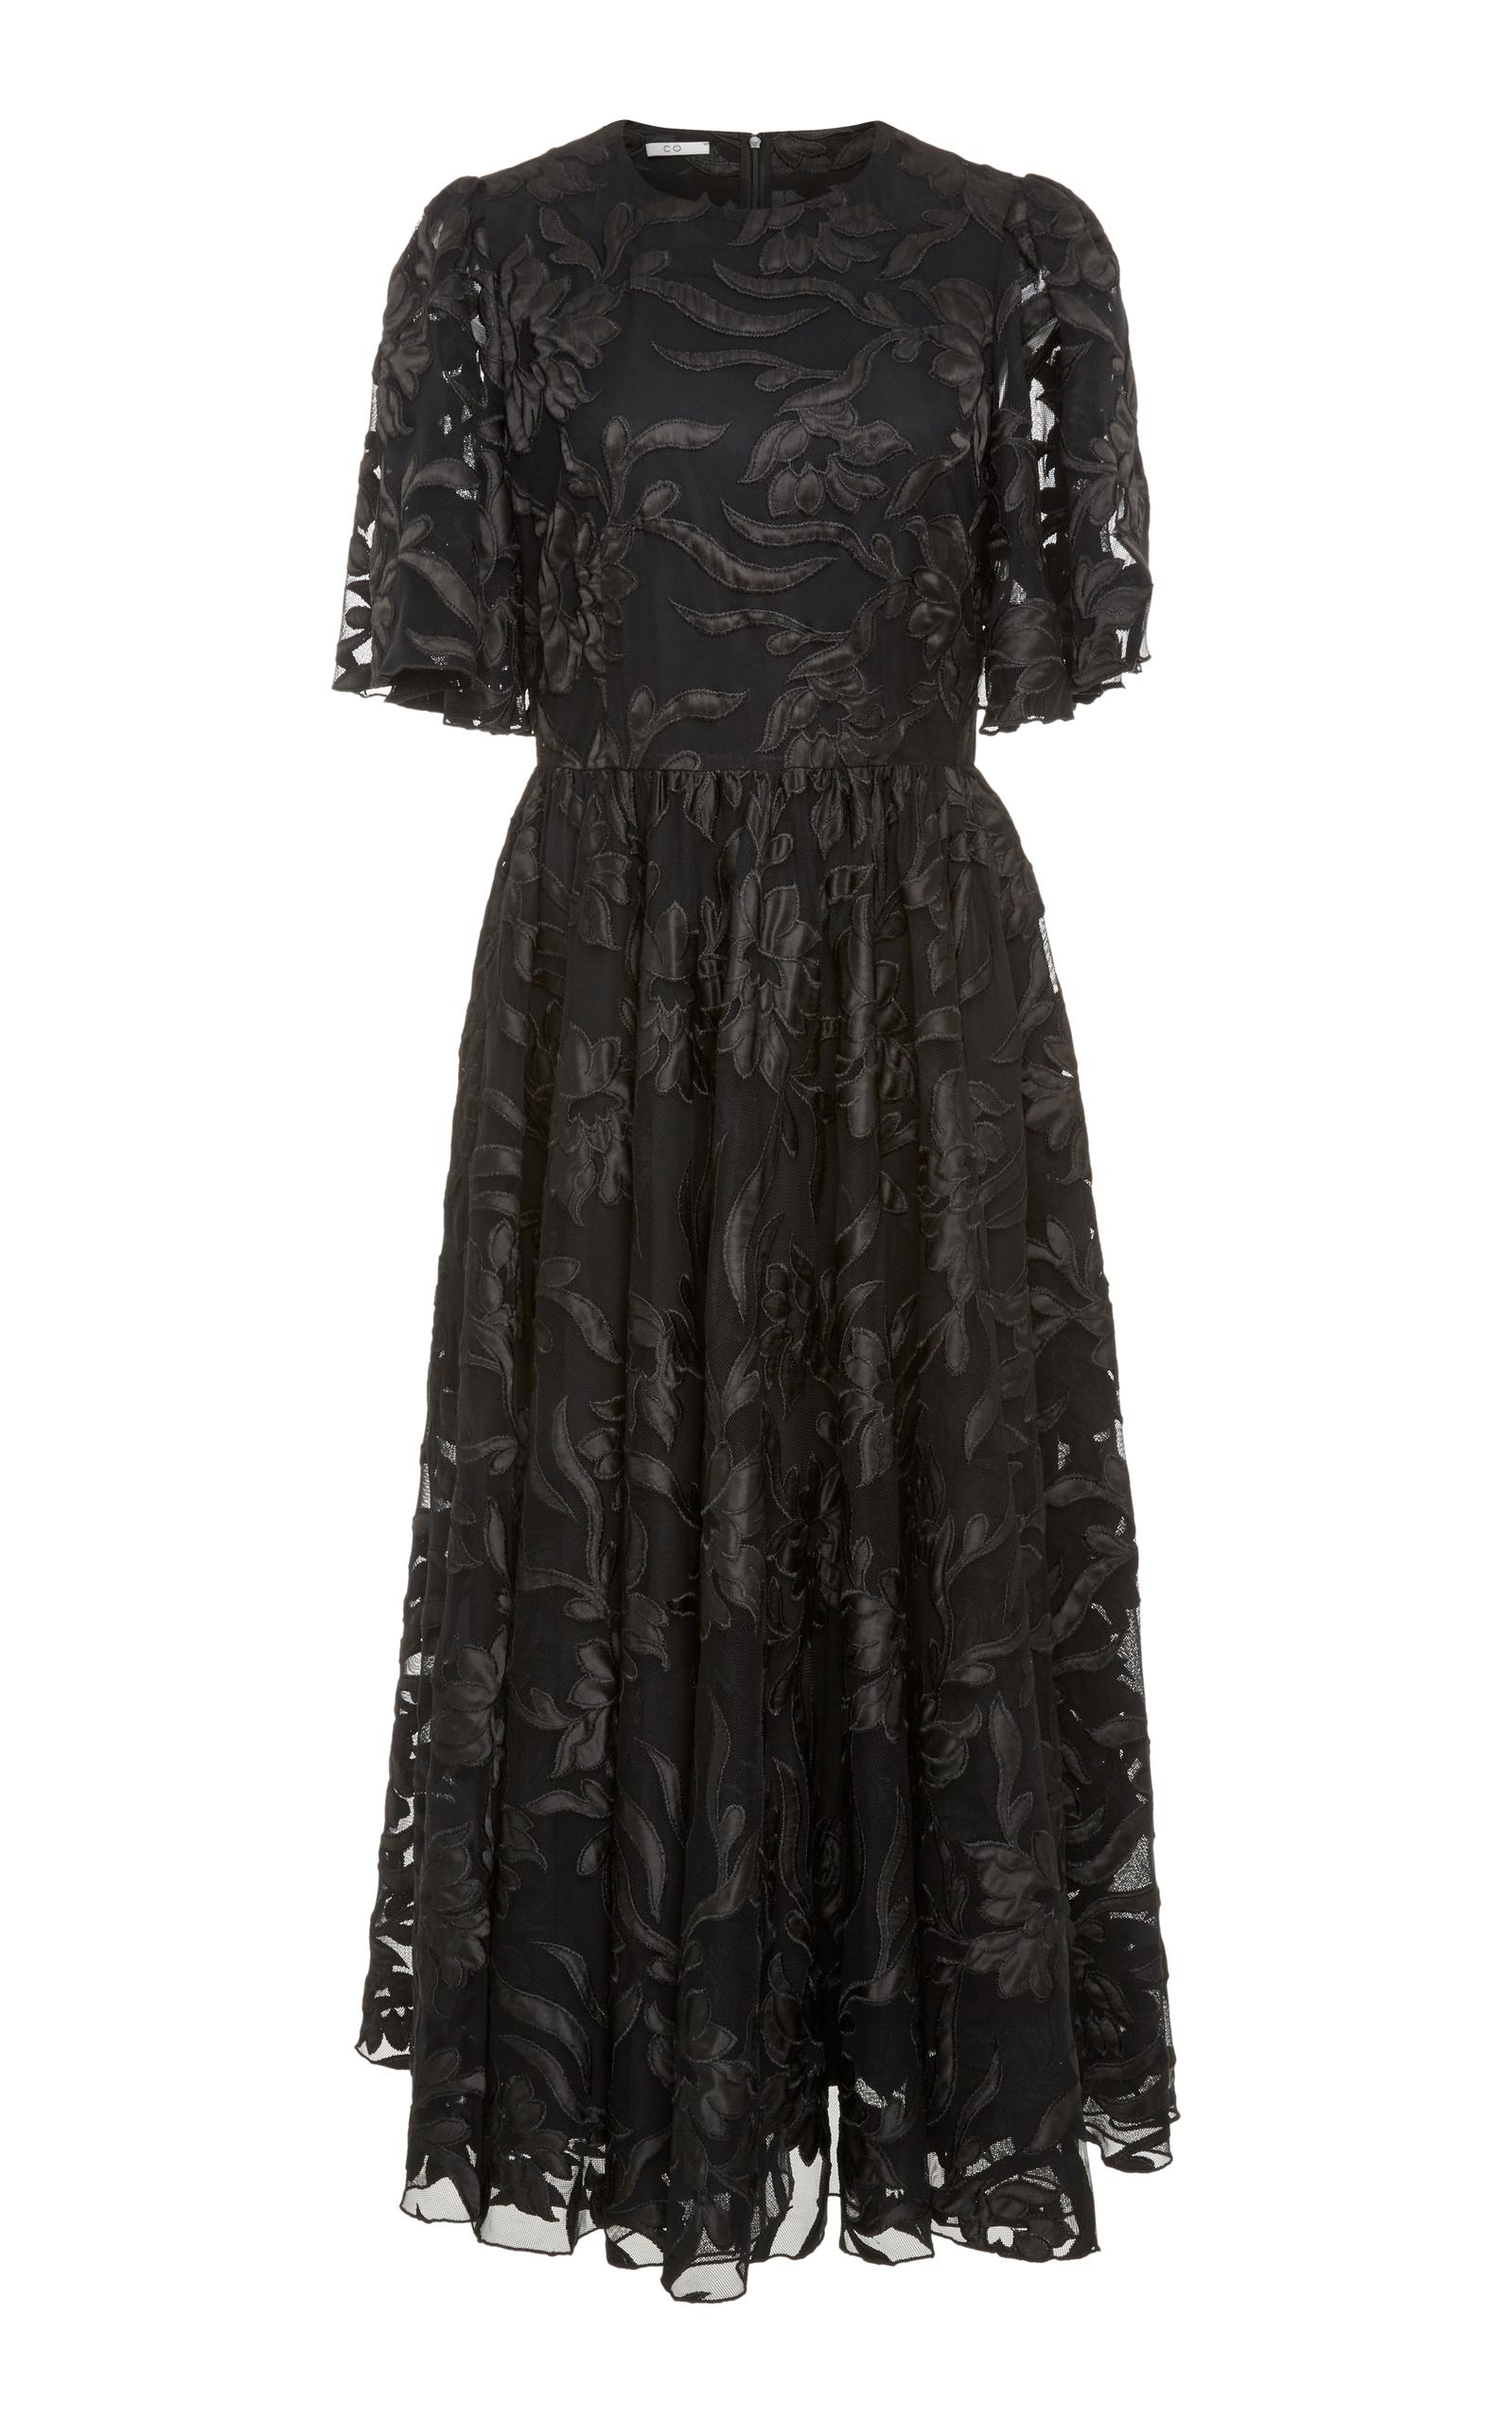 Flutter Sleeve Floral Applique Midi Dress in Black